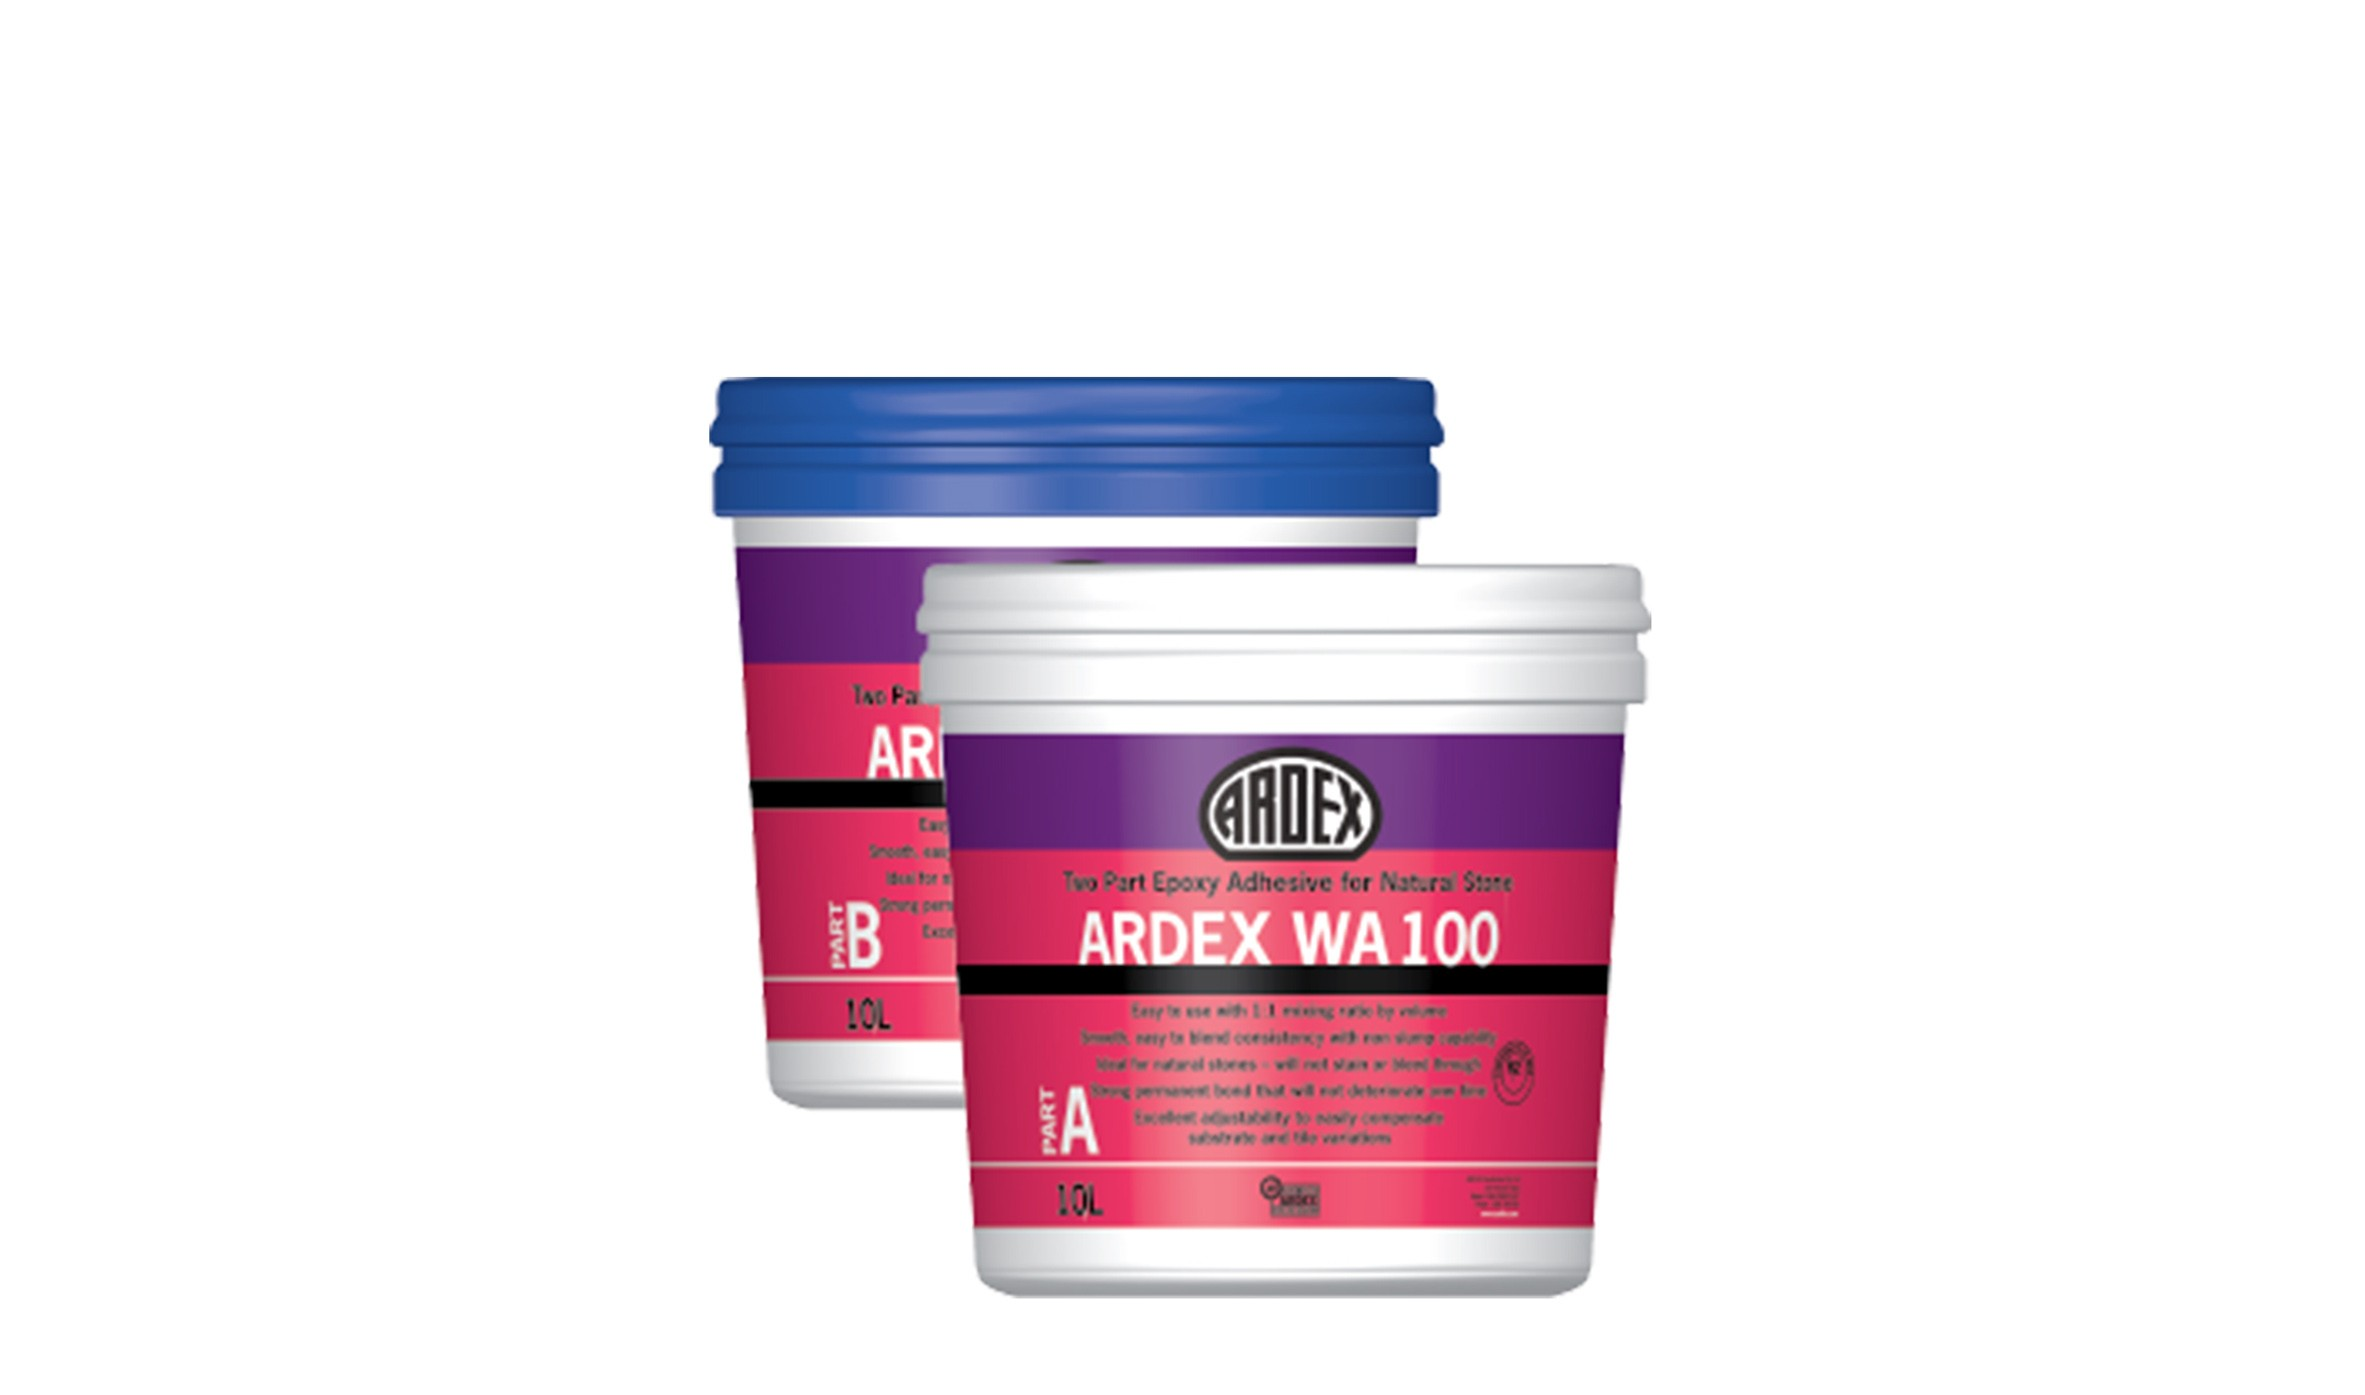 Ardex WA100